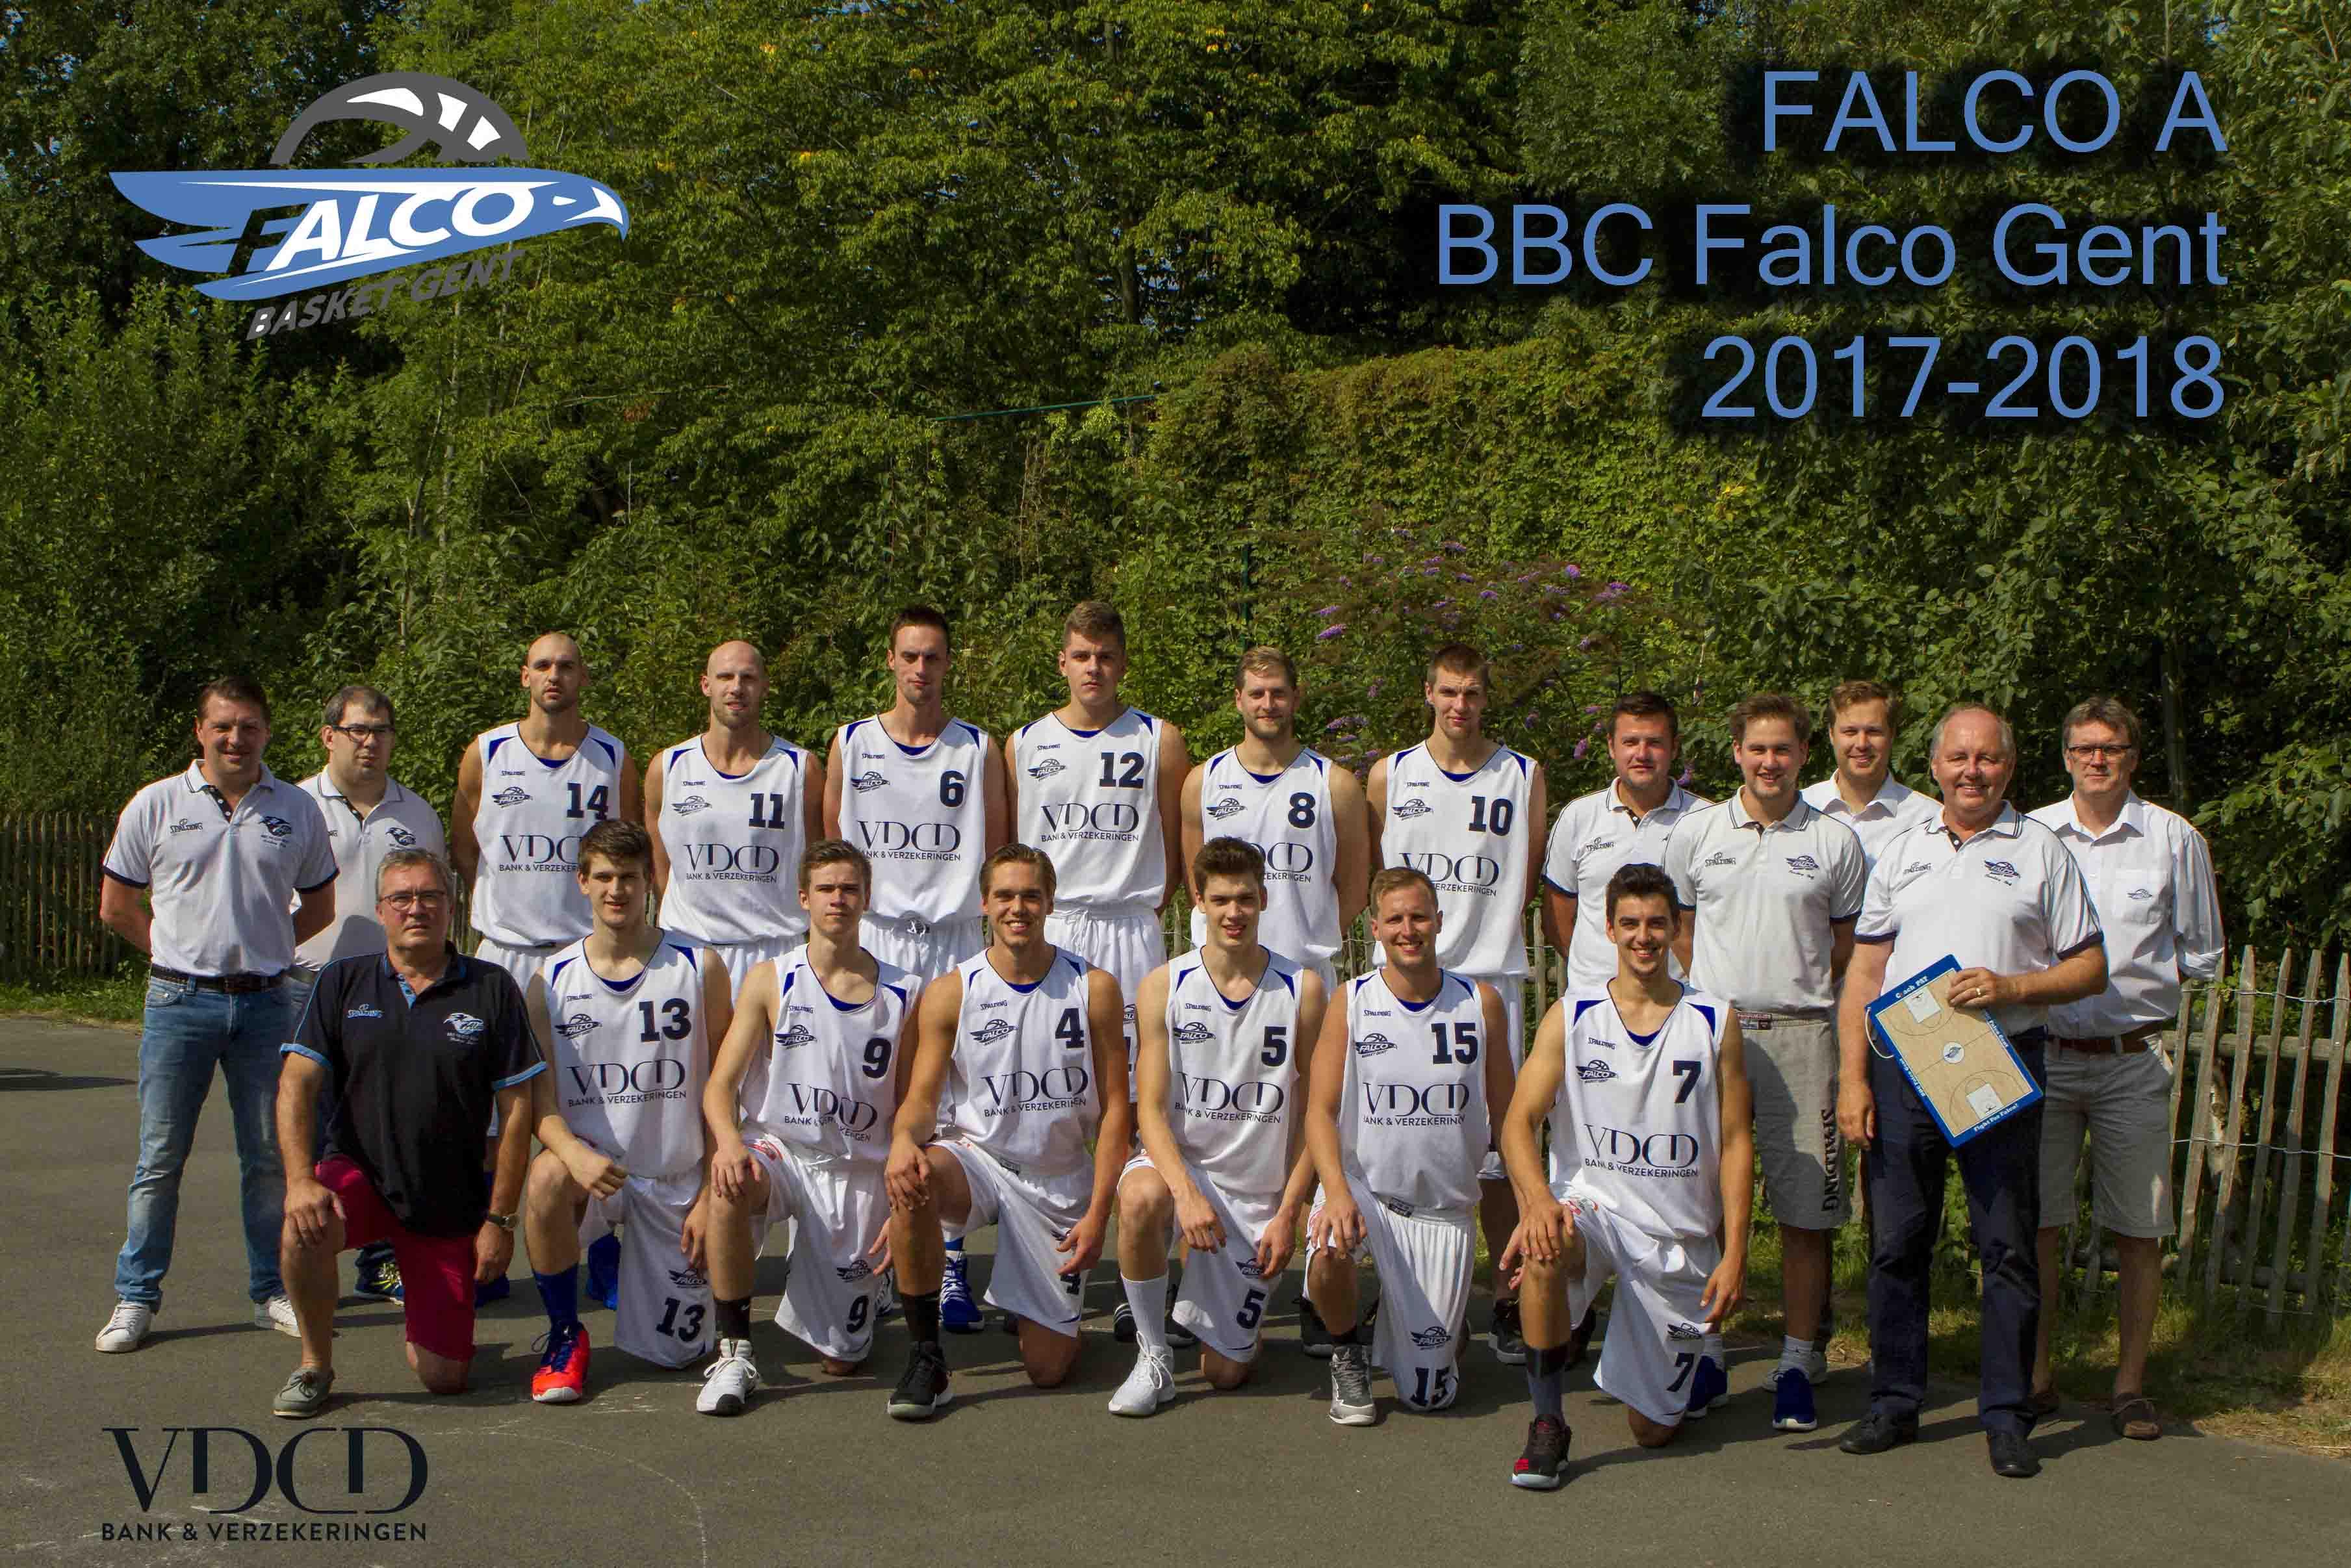 BBC Falco Gent team